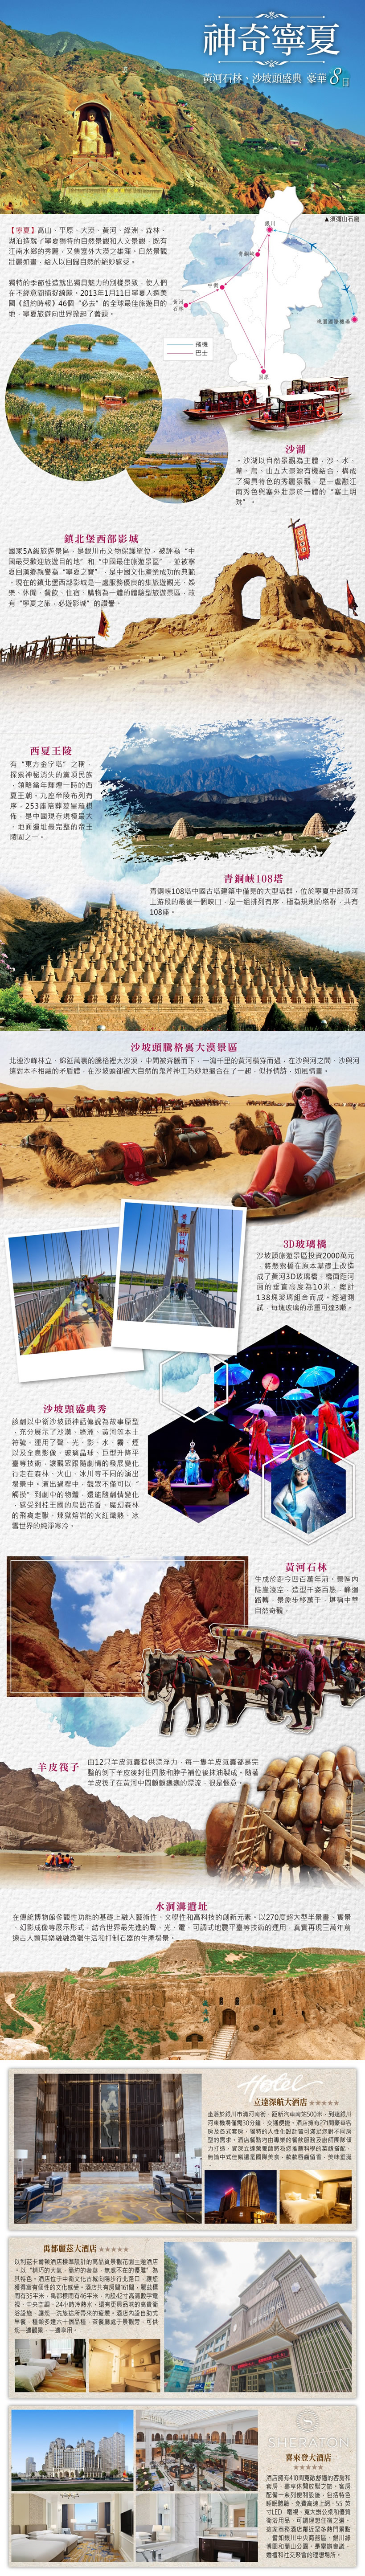 20191202-08神奇寧夏黃河石林沙坡頭盛 豪華8日INC08-A